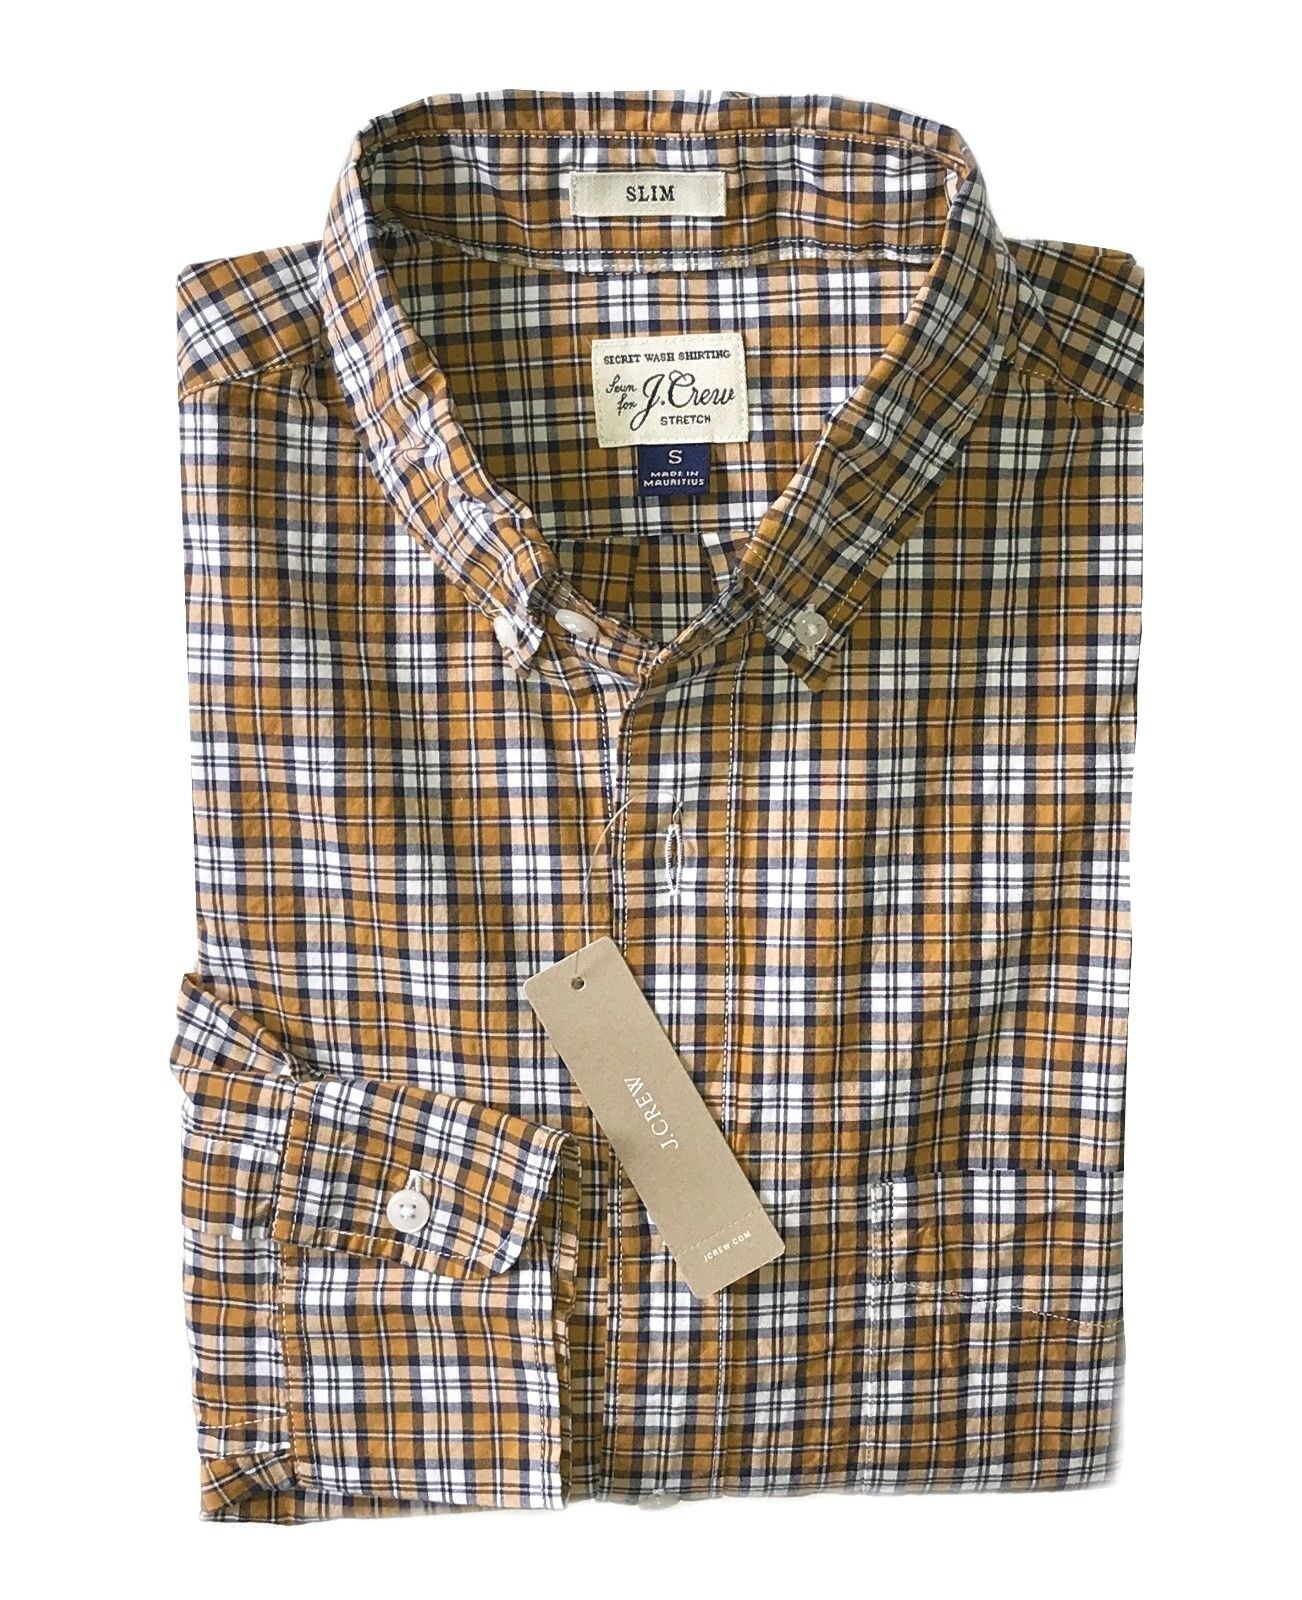 J.Crew Mens M - Classic Fit - NWT - orange Brown Plaid Secret Wash Cotton Shirt